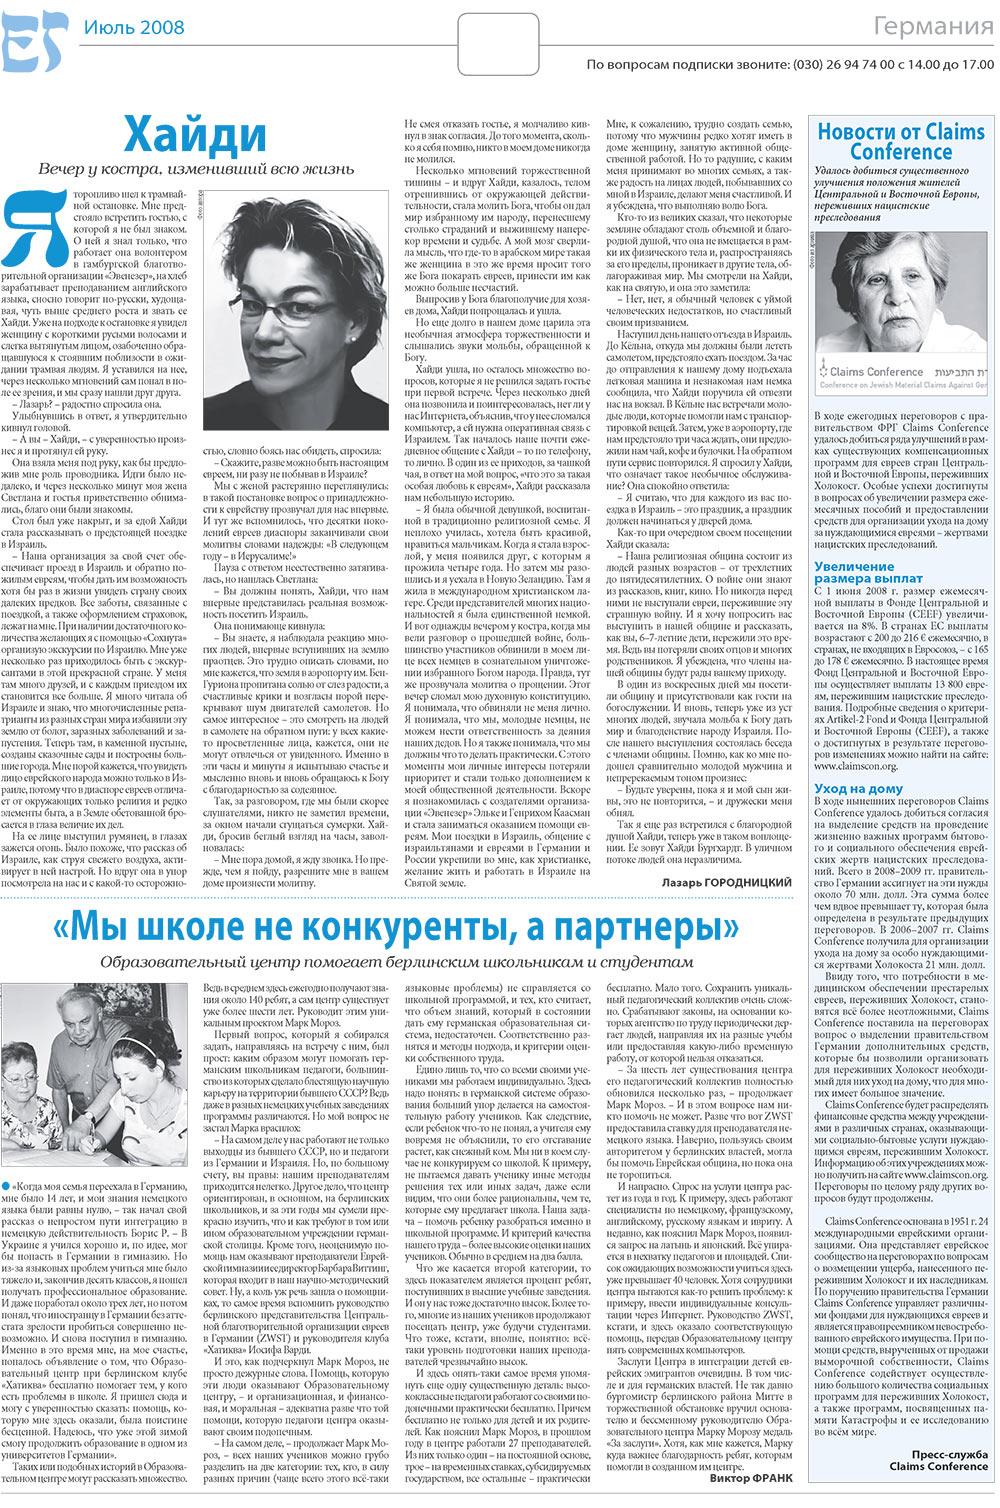 Еврейская газета (газета). 2008 год, номер 7, стр. 5